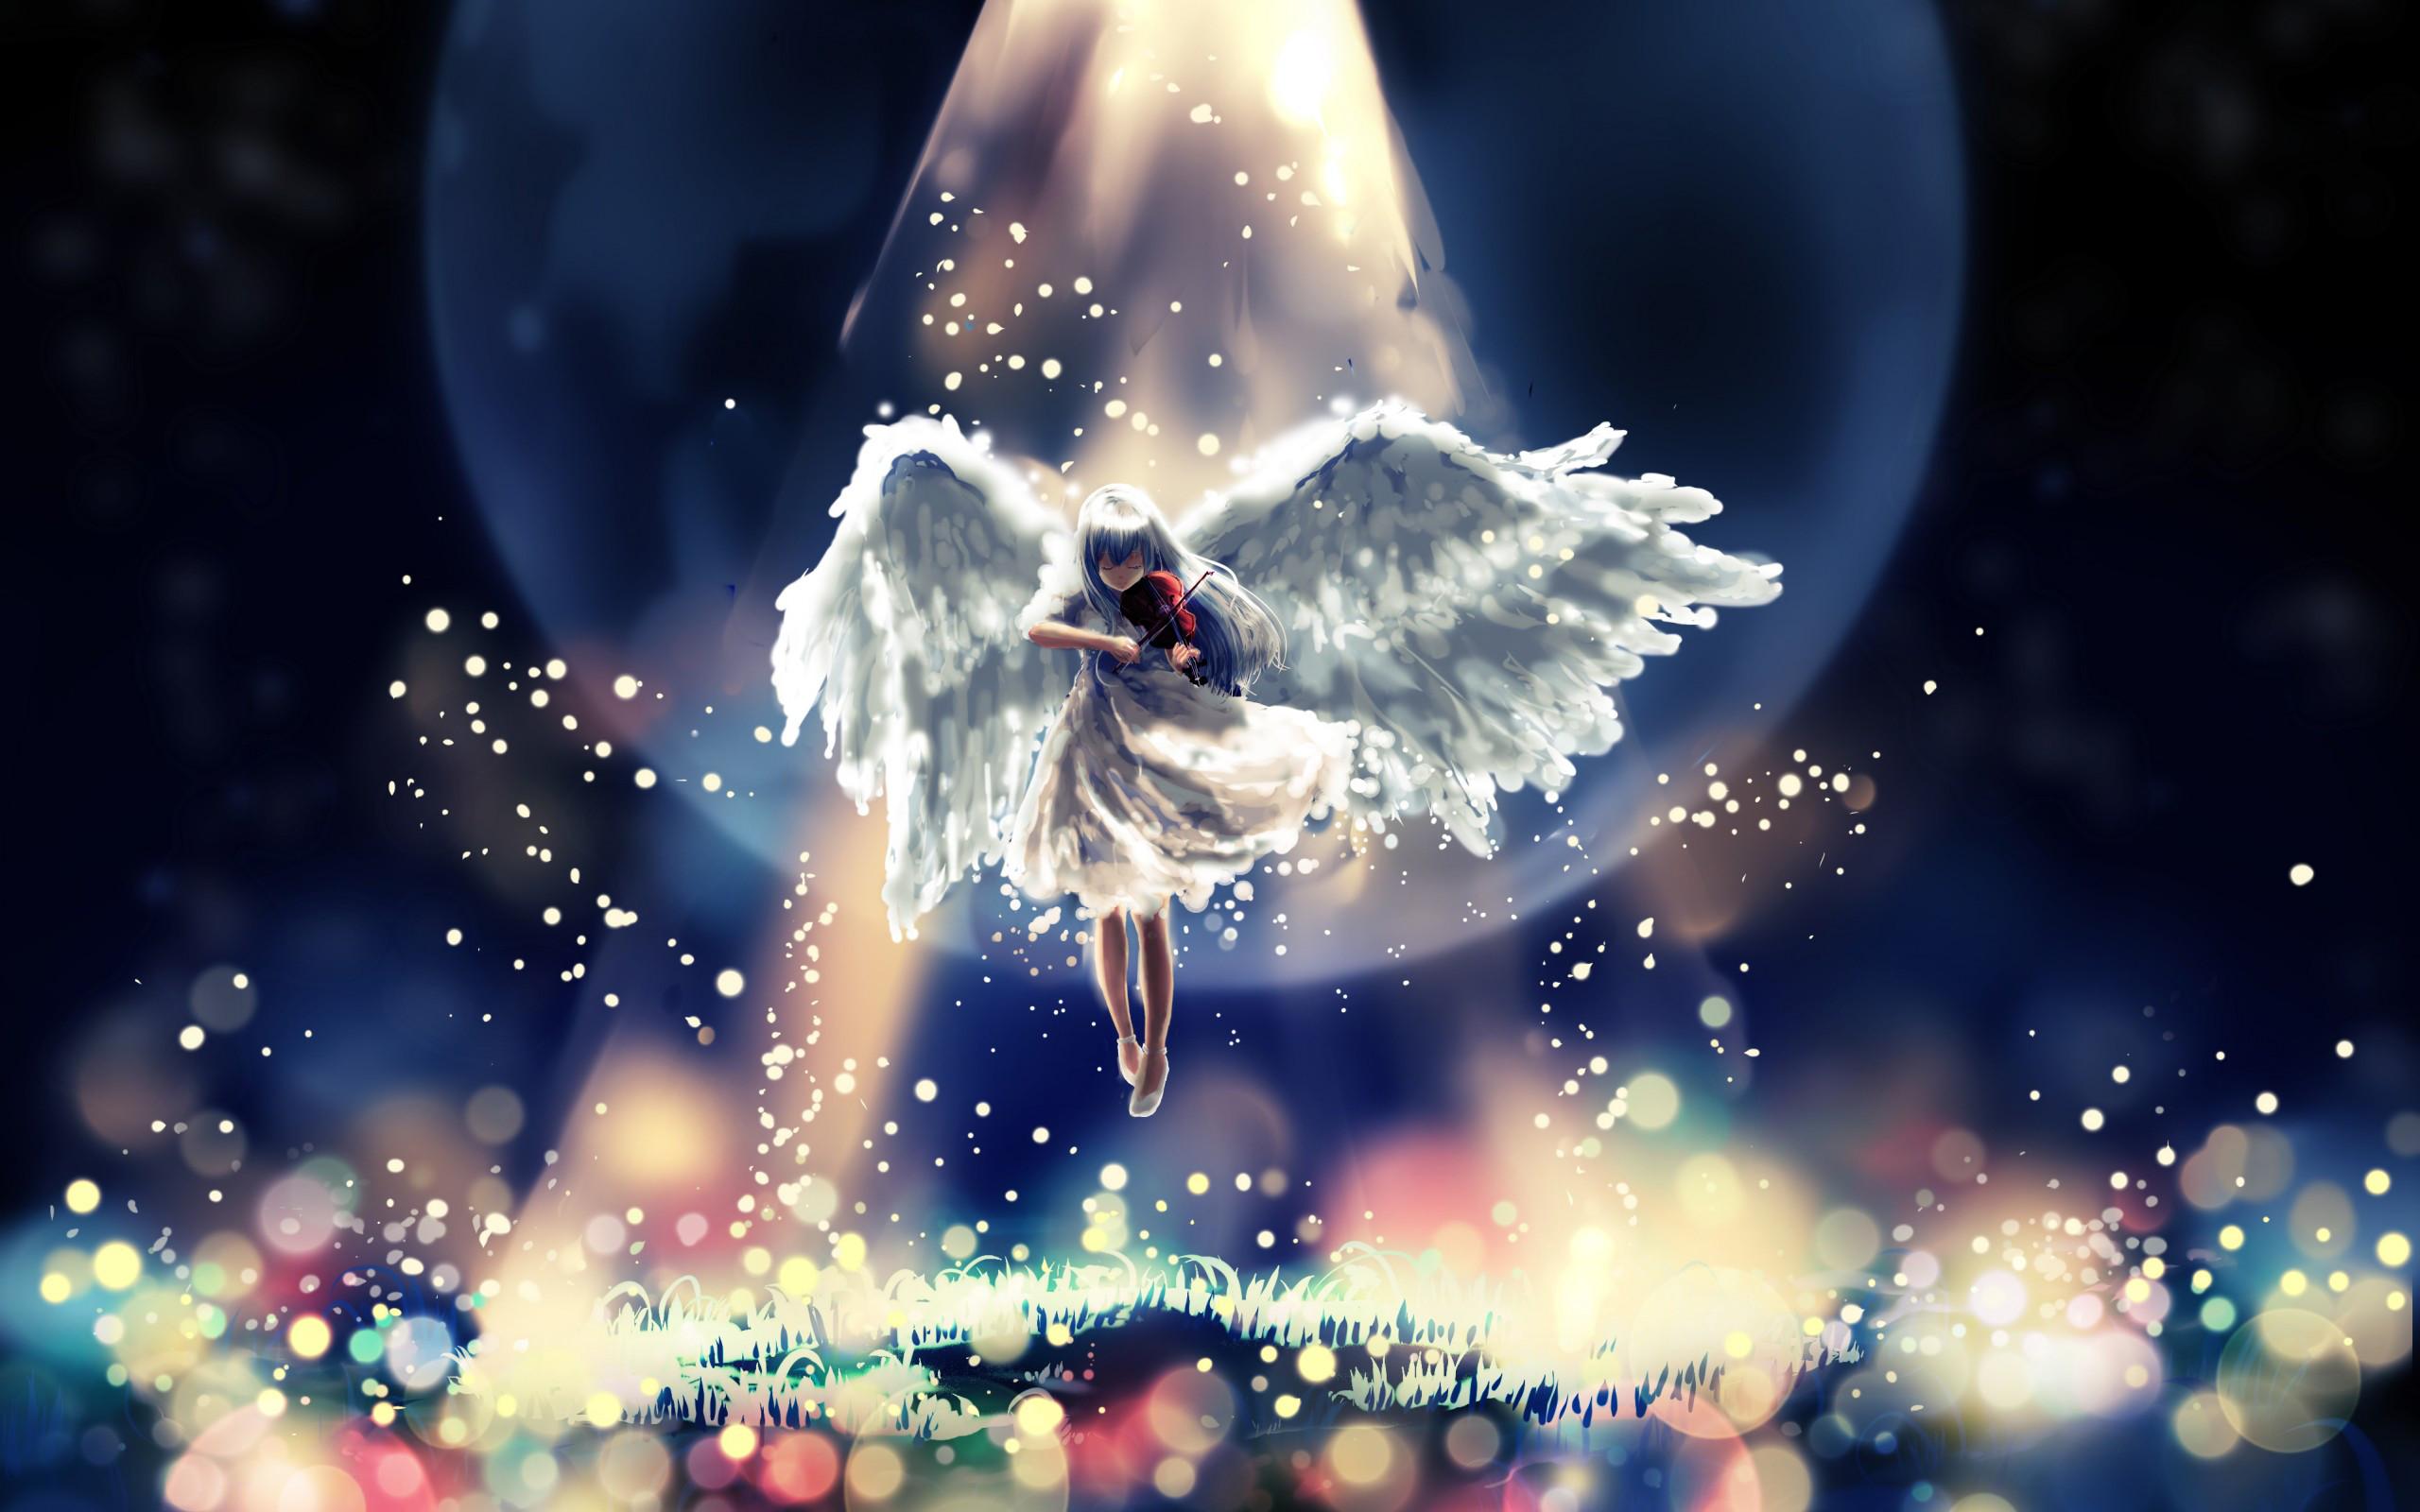 https://images7.alphacoders.com/369/369511.jpg   anime   Pinterest   Angel  wallpaper, Anime angel and 3d wallpaper